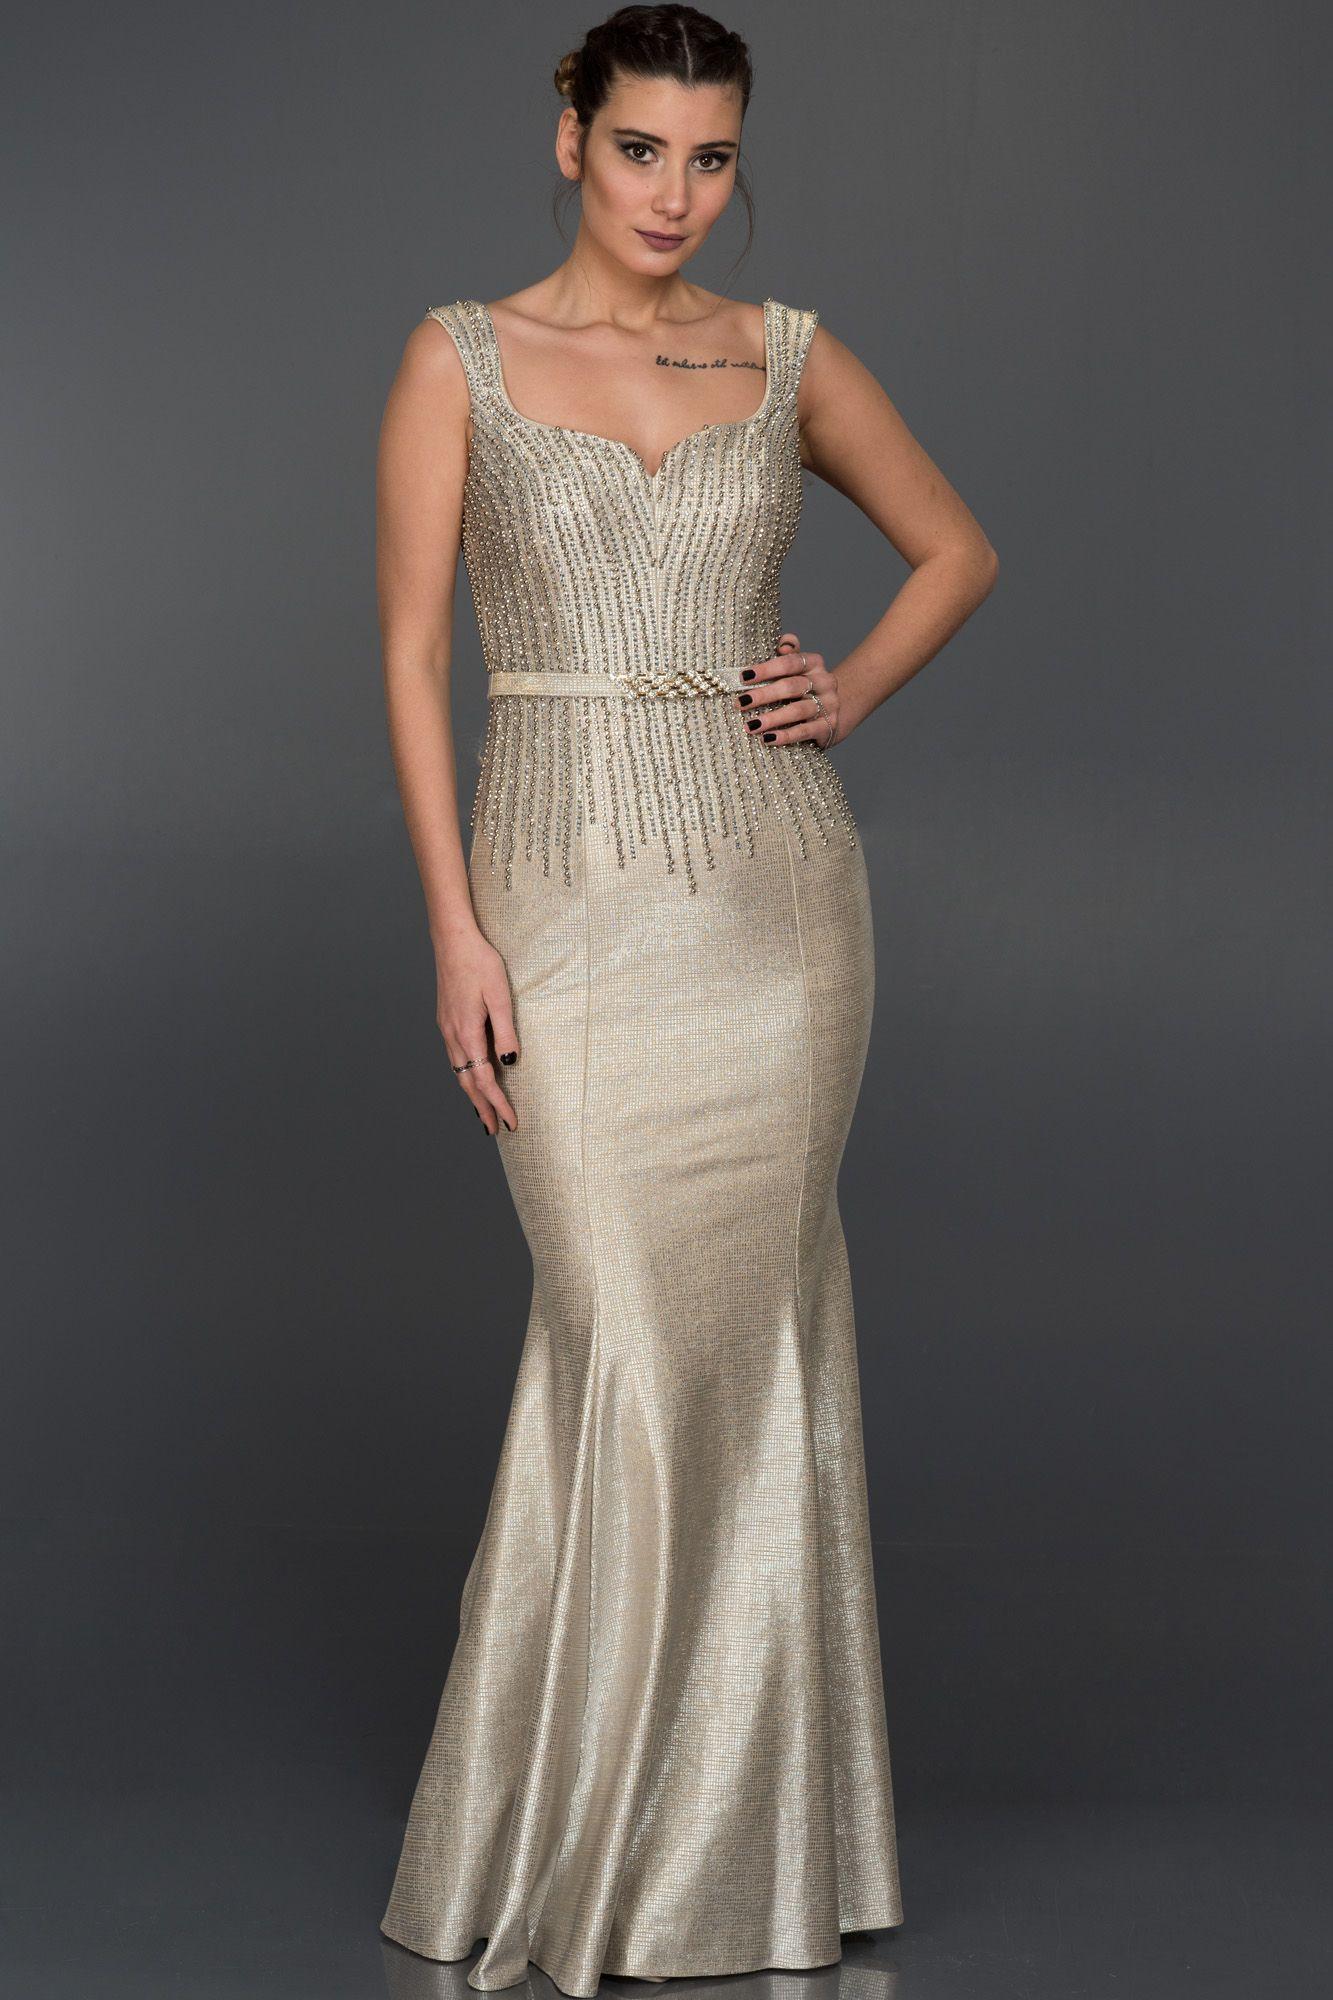 Vizon Tasli Uzun Balik Abiye Elbise F4211 Elbise The Dress Elbise Modelleri